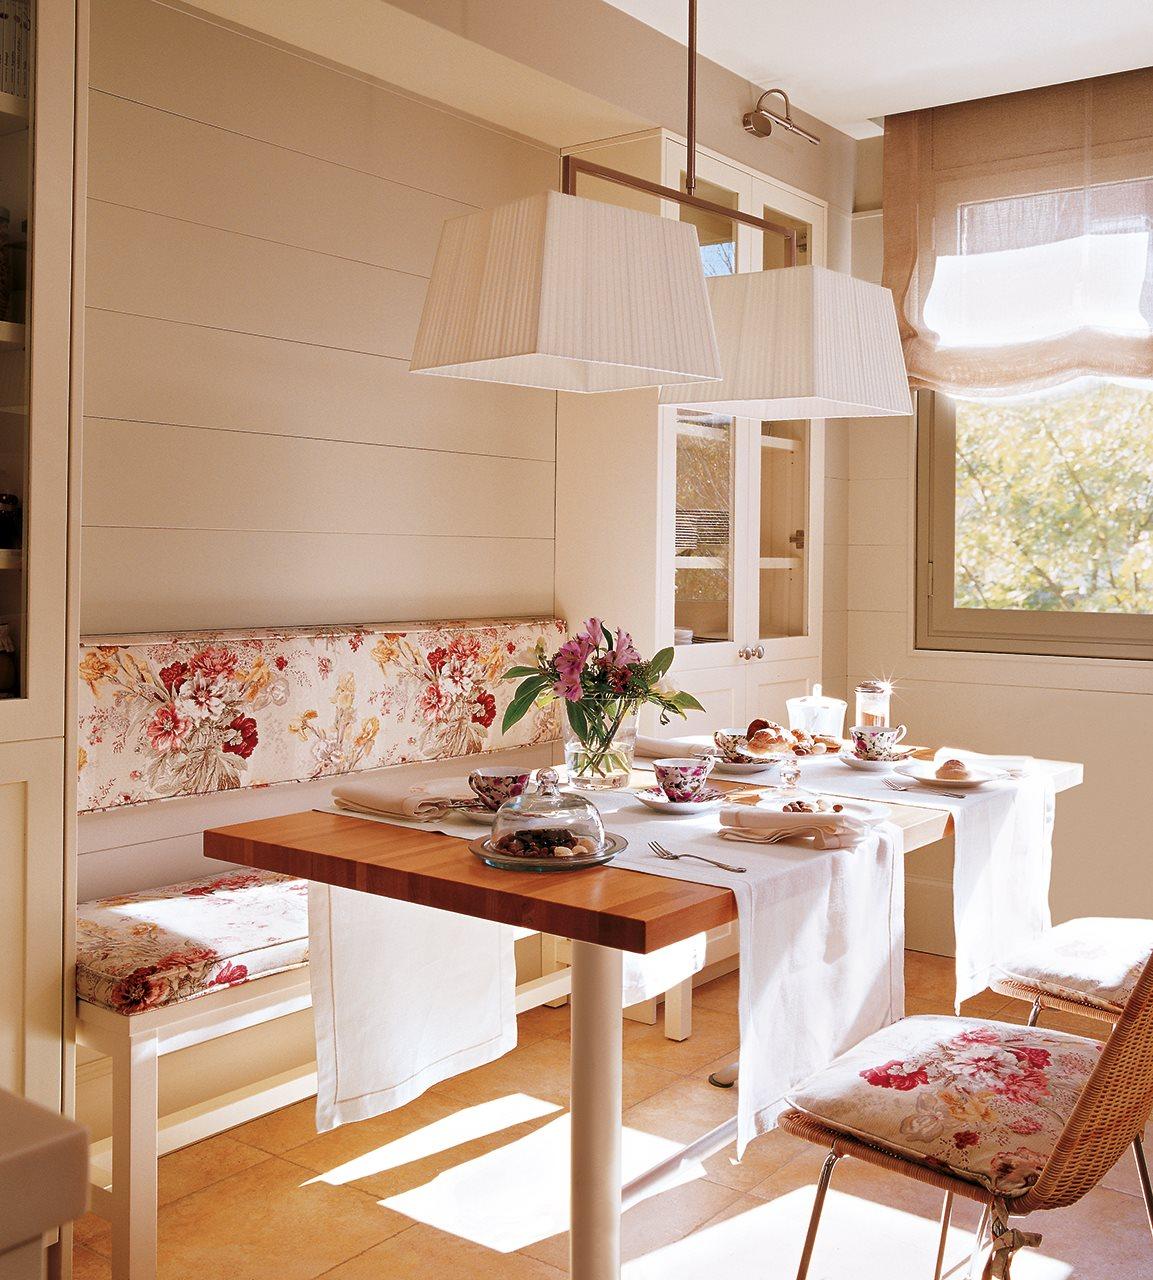 C mo aprovechar el espacio en cocinas peque as for Comedor tipo barra